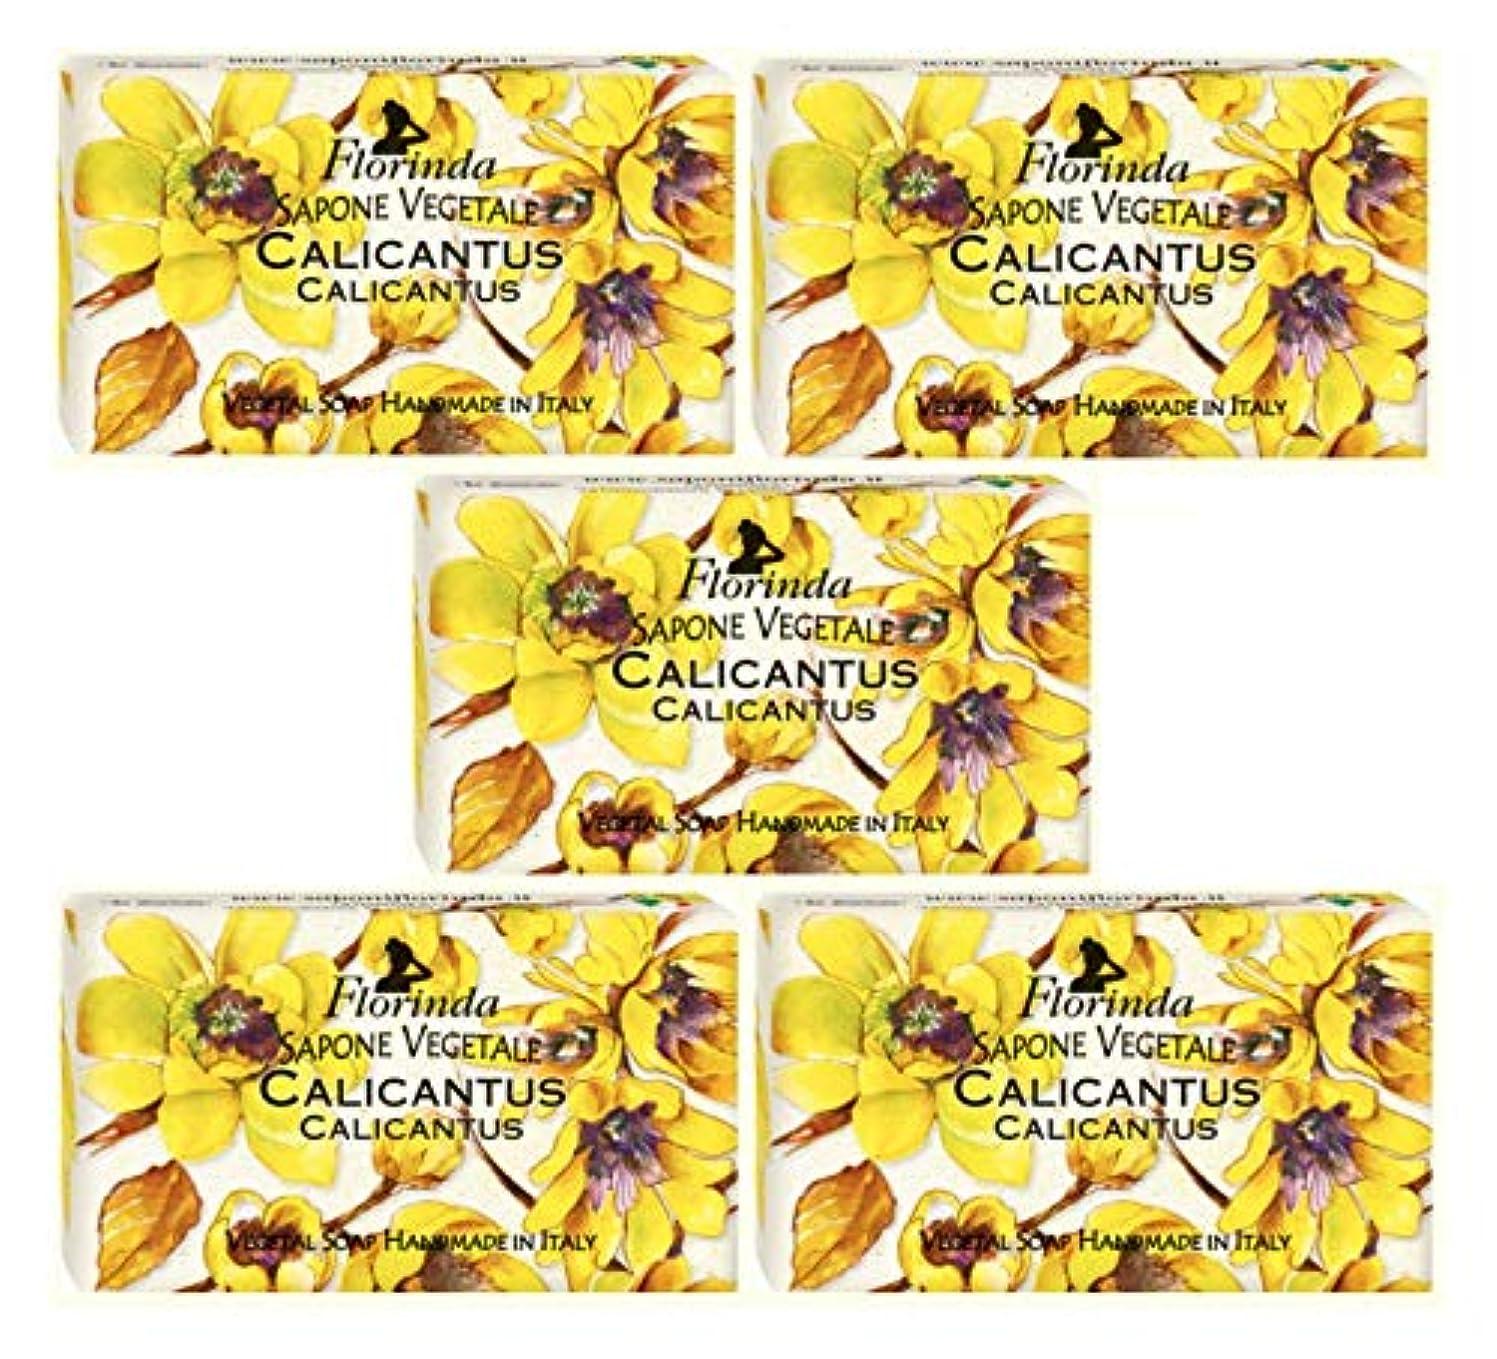 出会い偶然本土フロリンダ フレグランスソープ 固形石けん 花の香り カリカントス 95g×5個セット